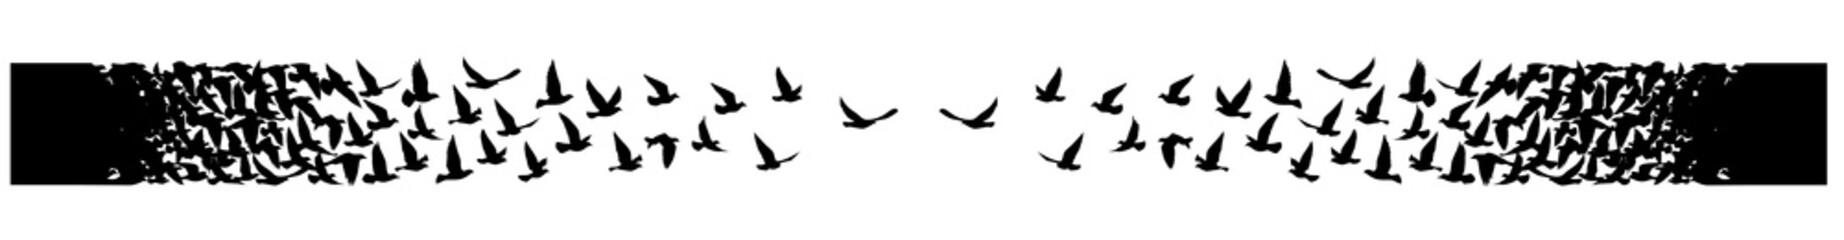 Fototapeta Flying birds silhouettes on white background. Vector illustration. isolated bird flying. tattoo design. obraz